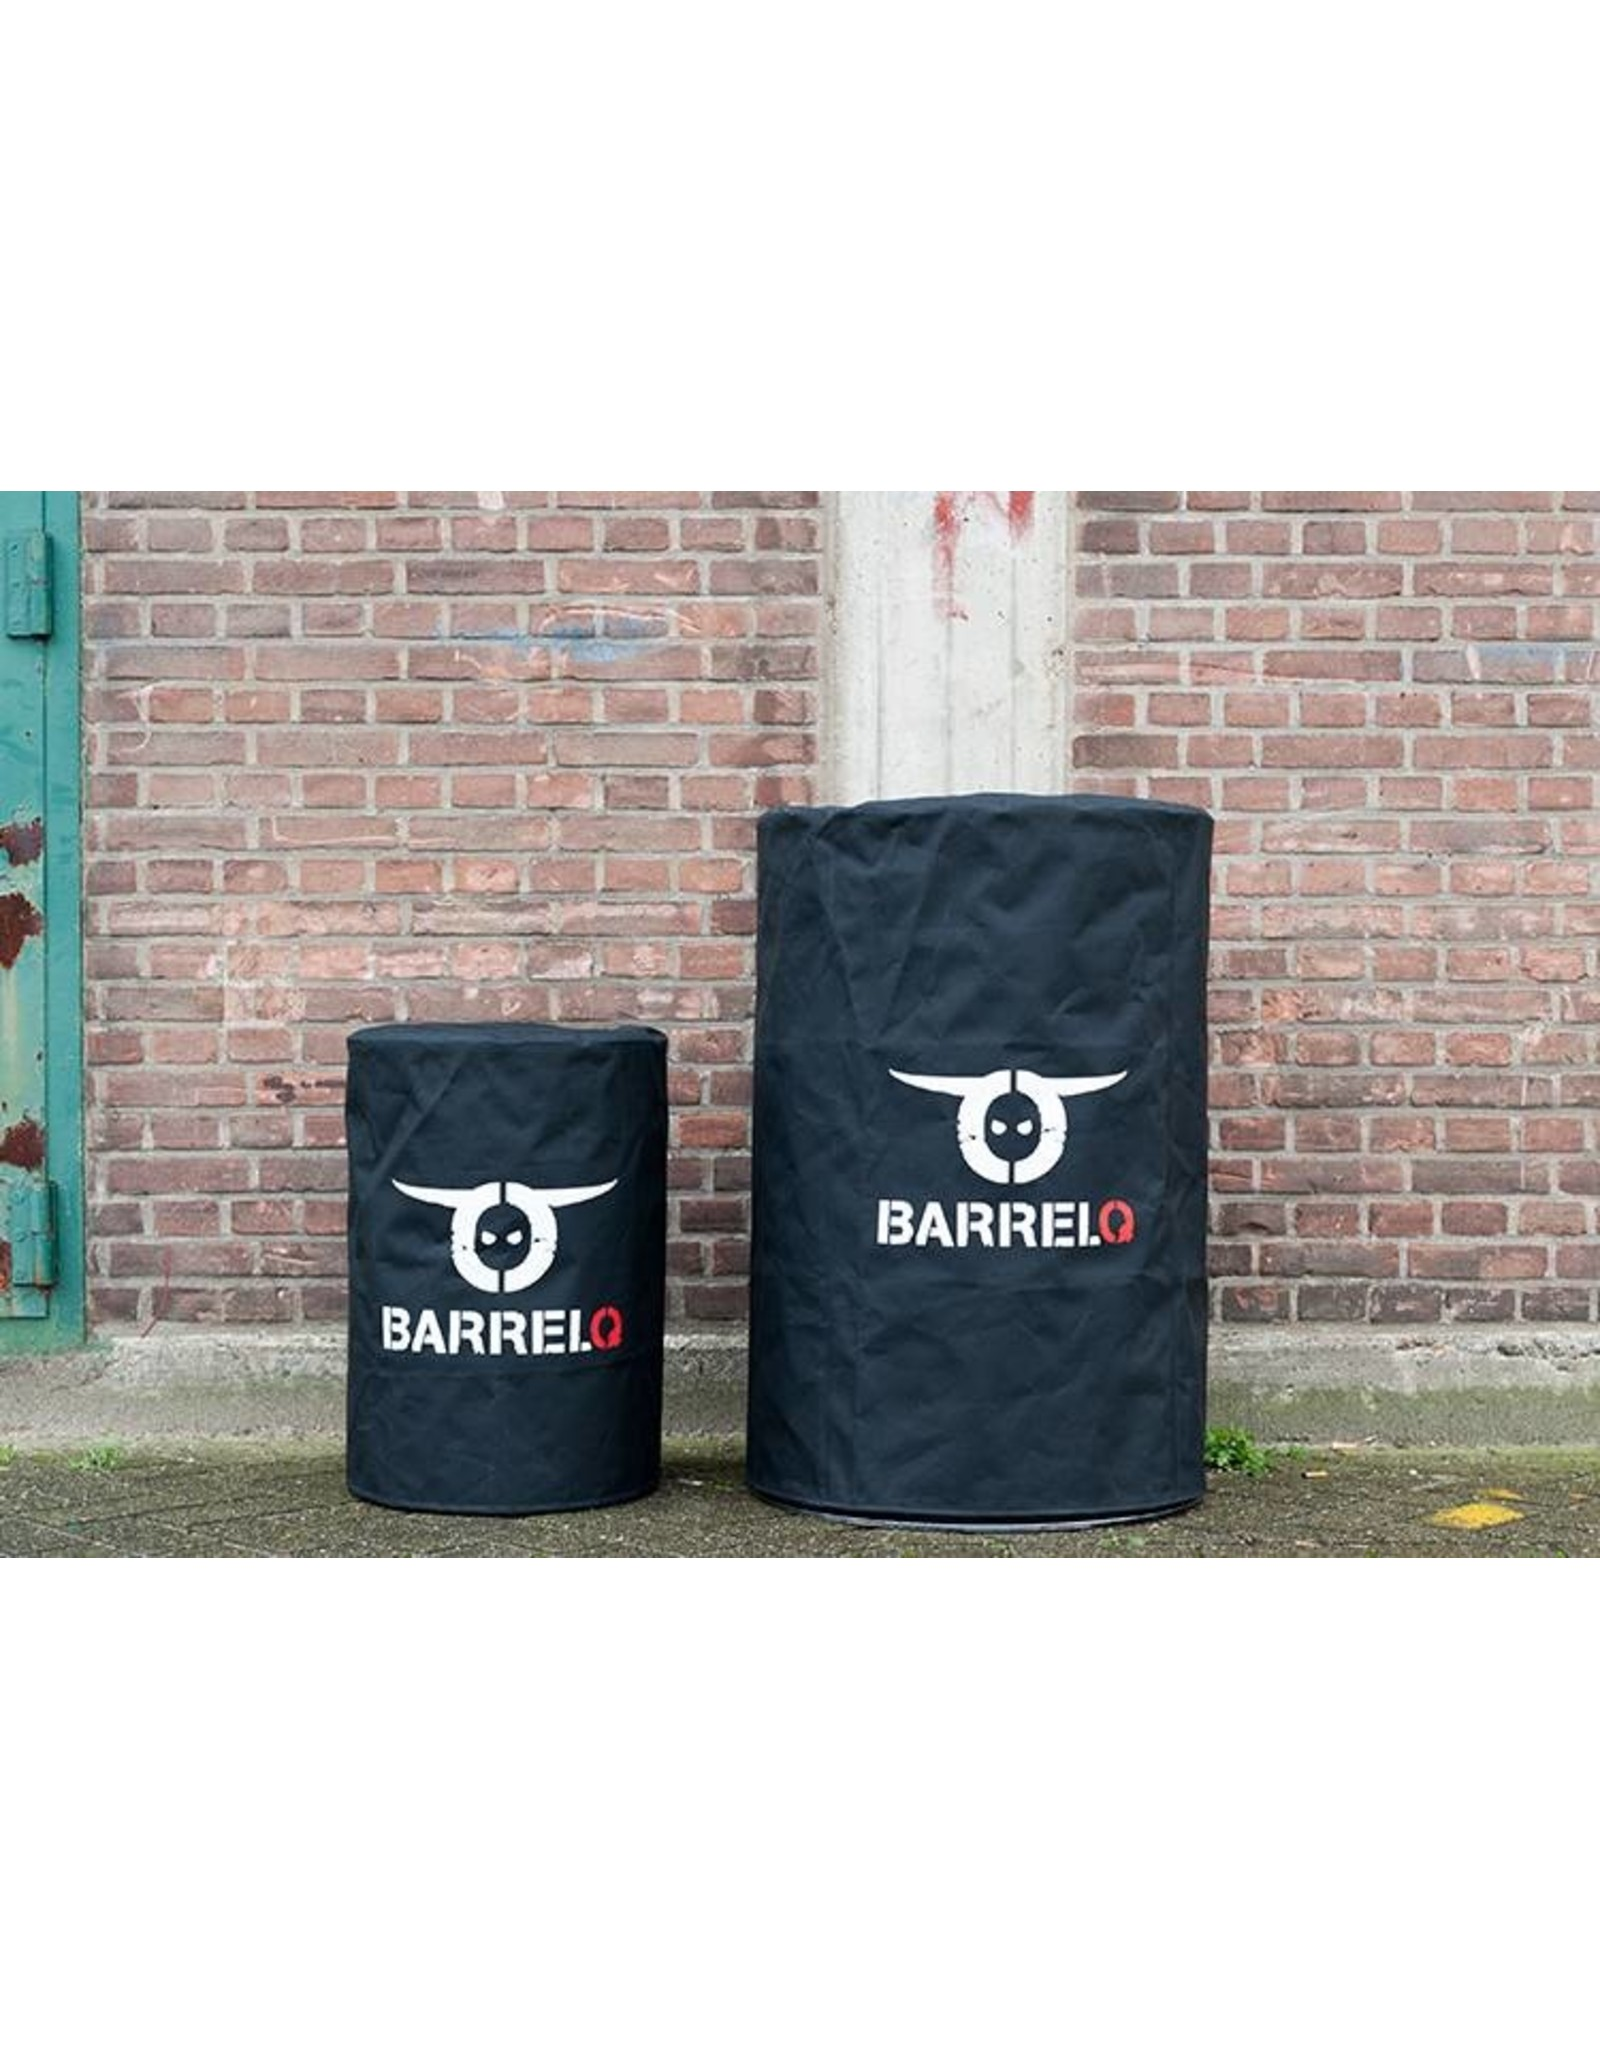 BarrelQ BarrelQ  small Abdeckung klein